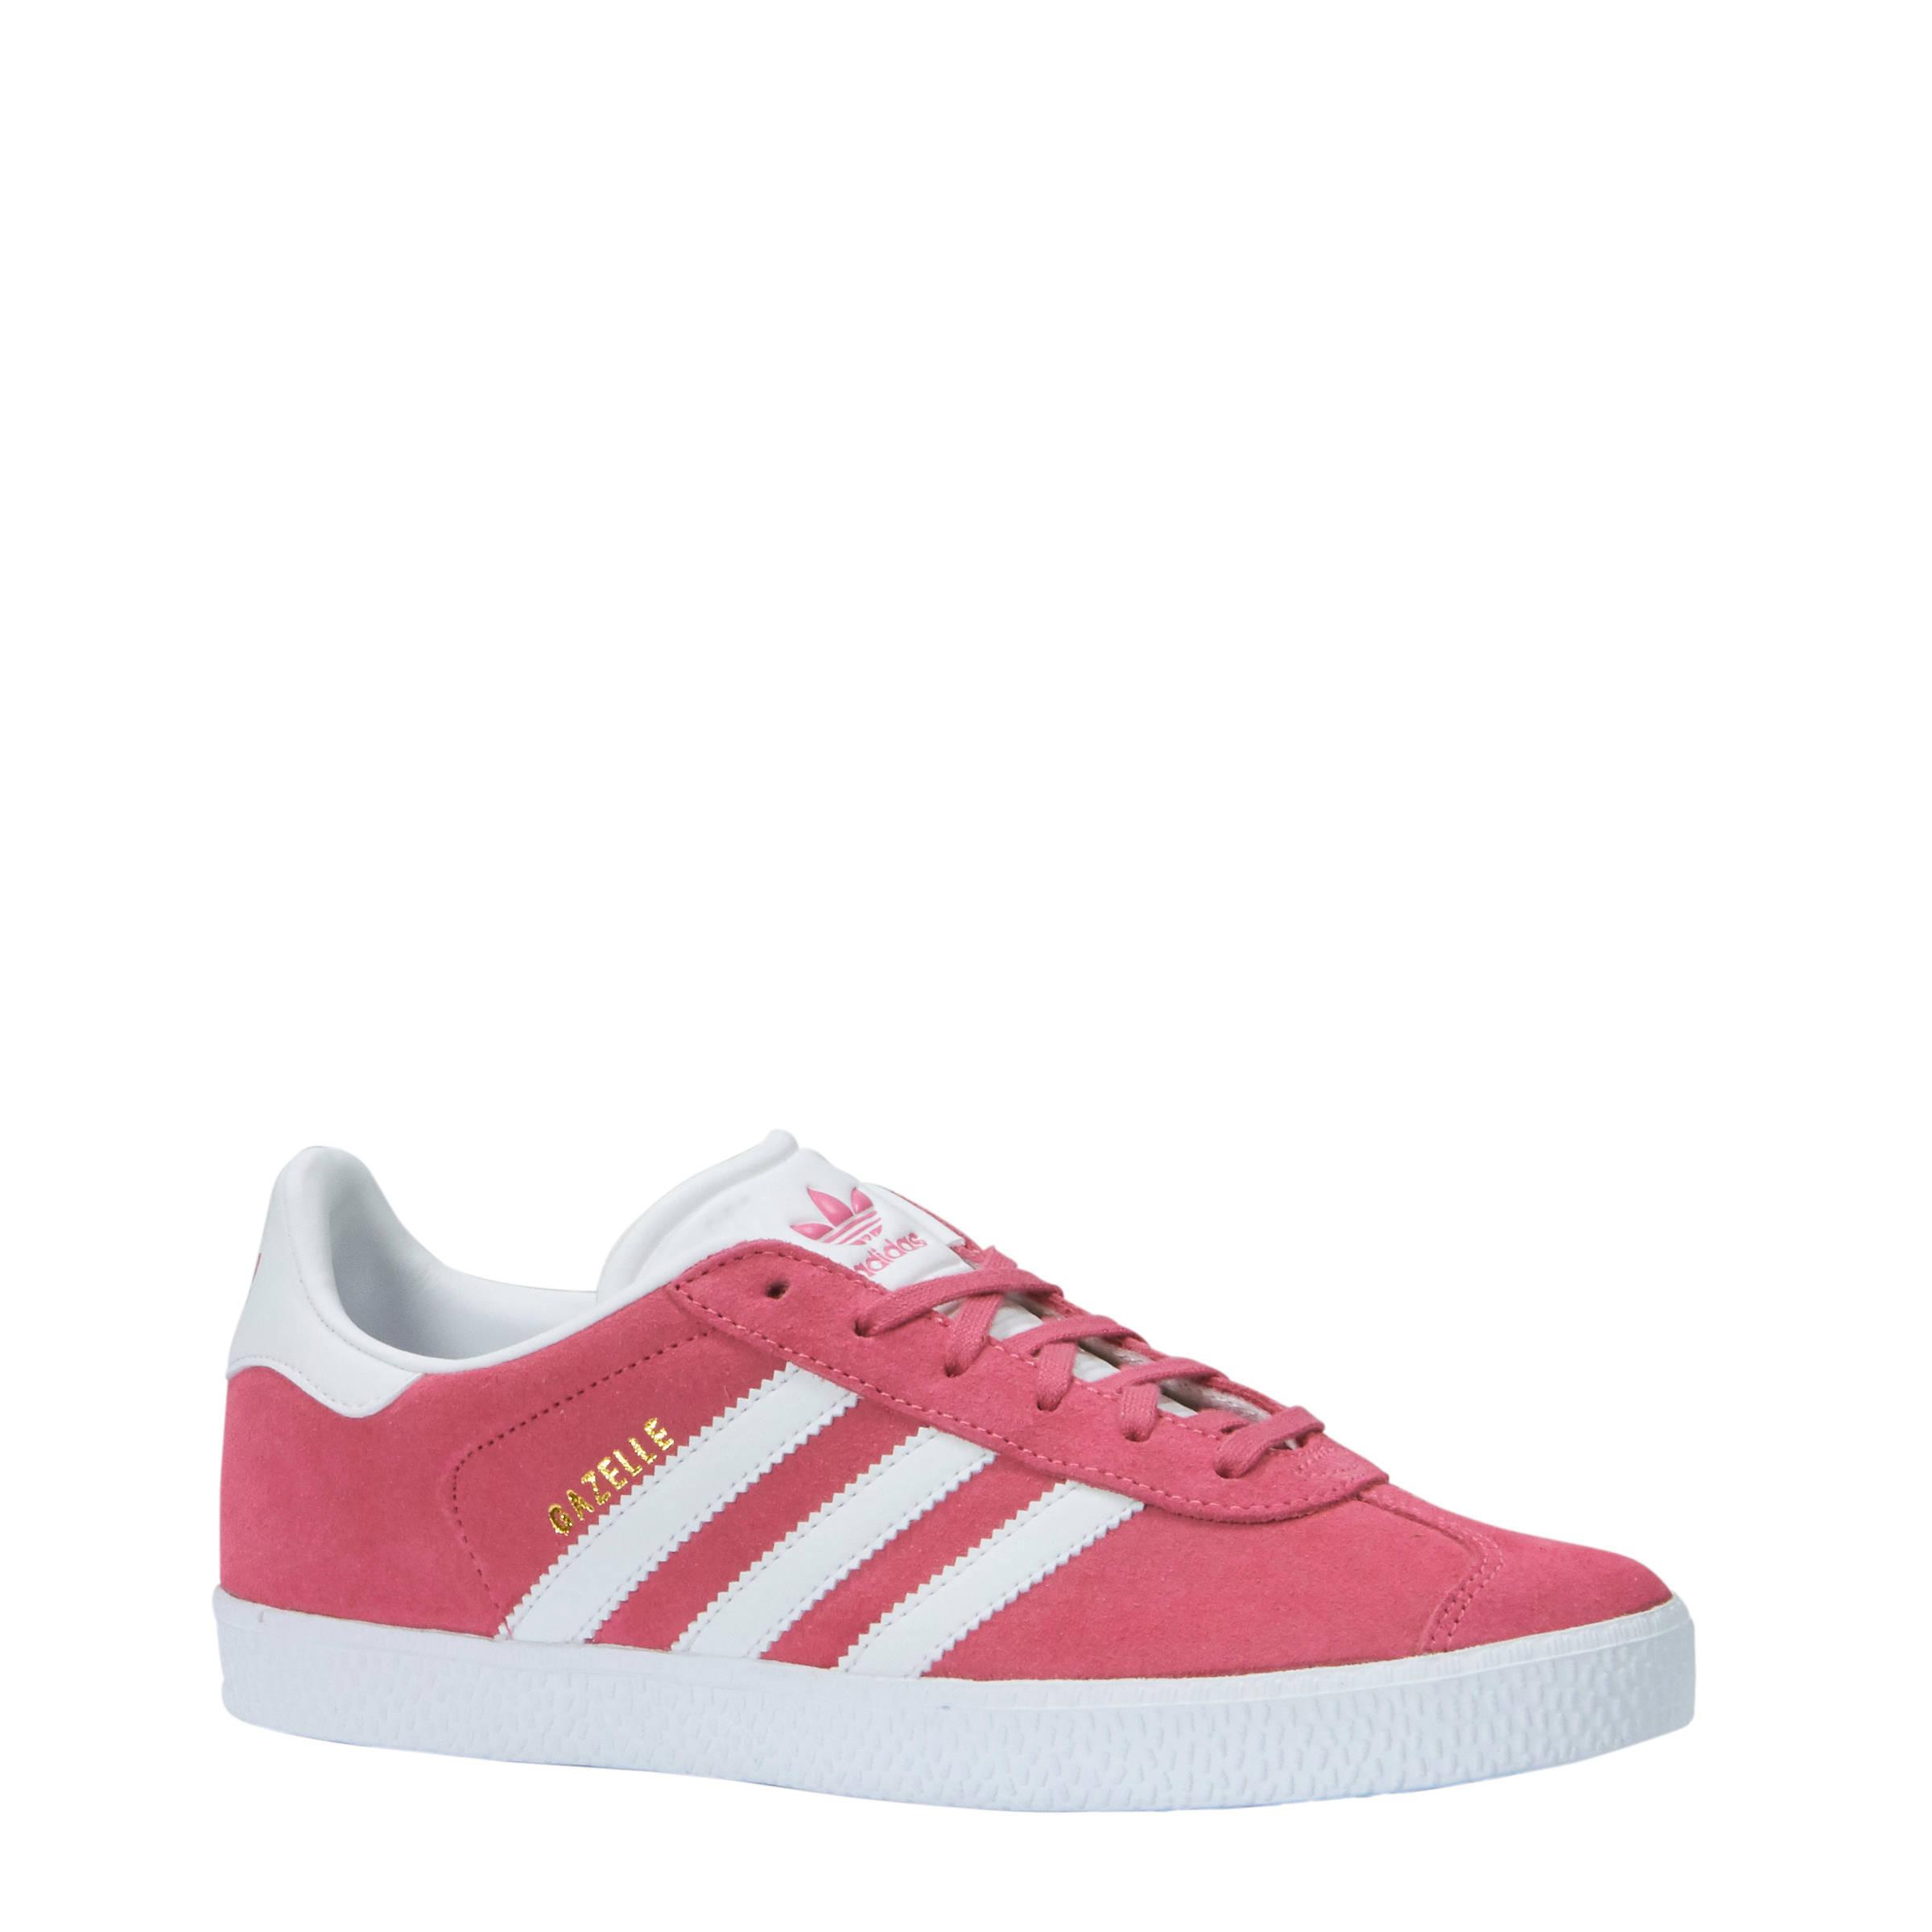 adidas gazelle roze baby